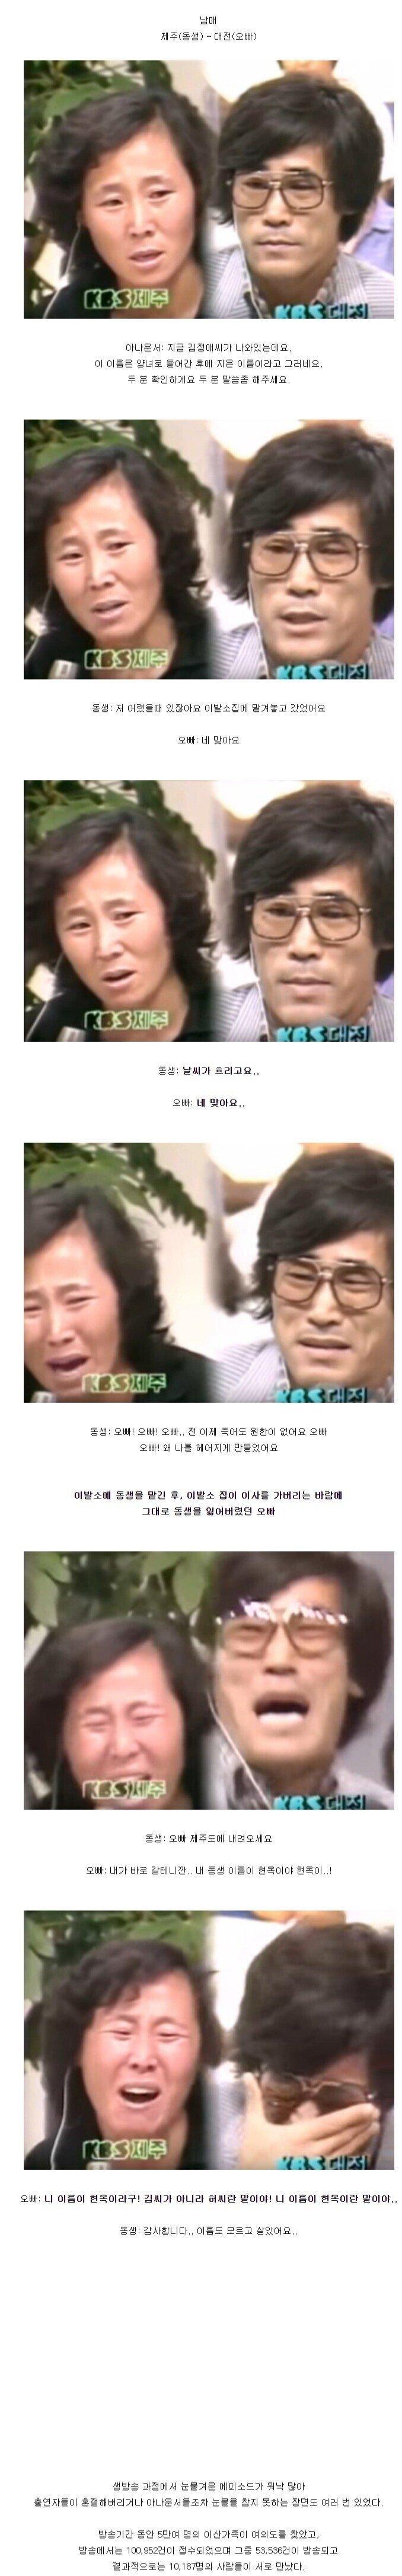 pic_007.jpg 유네스코 세계 기록 유산으로 지정된 한국 생방송.JPG